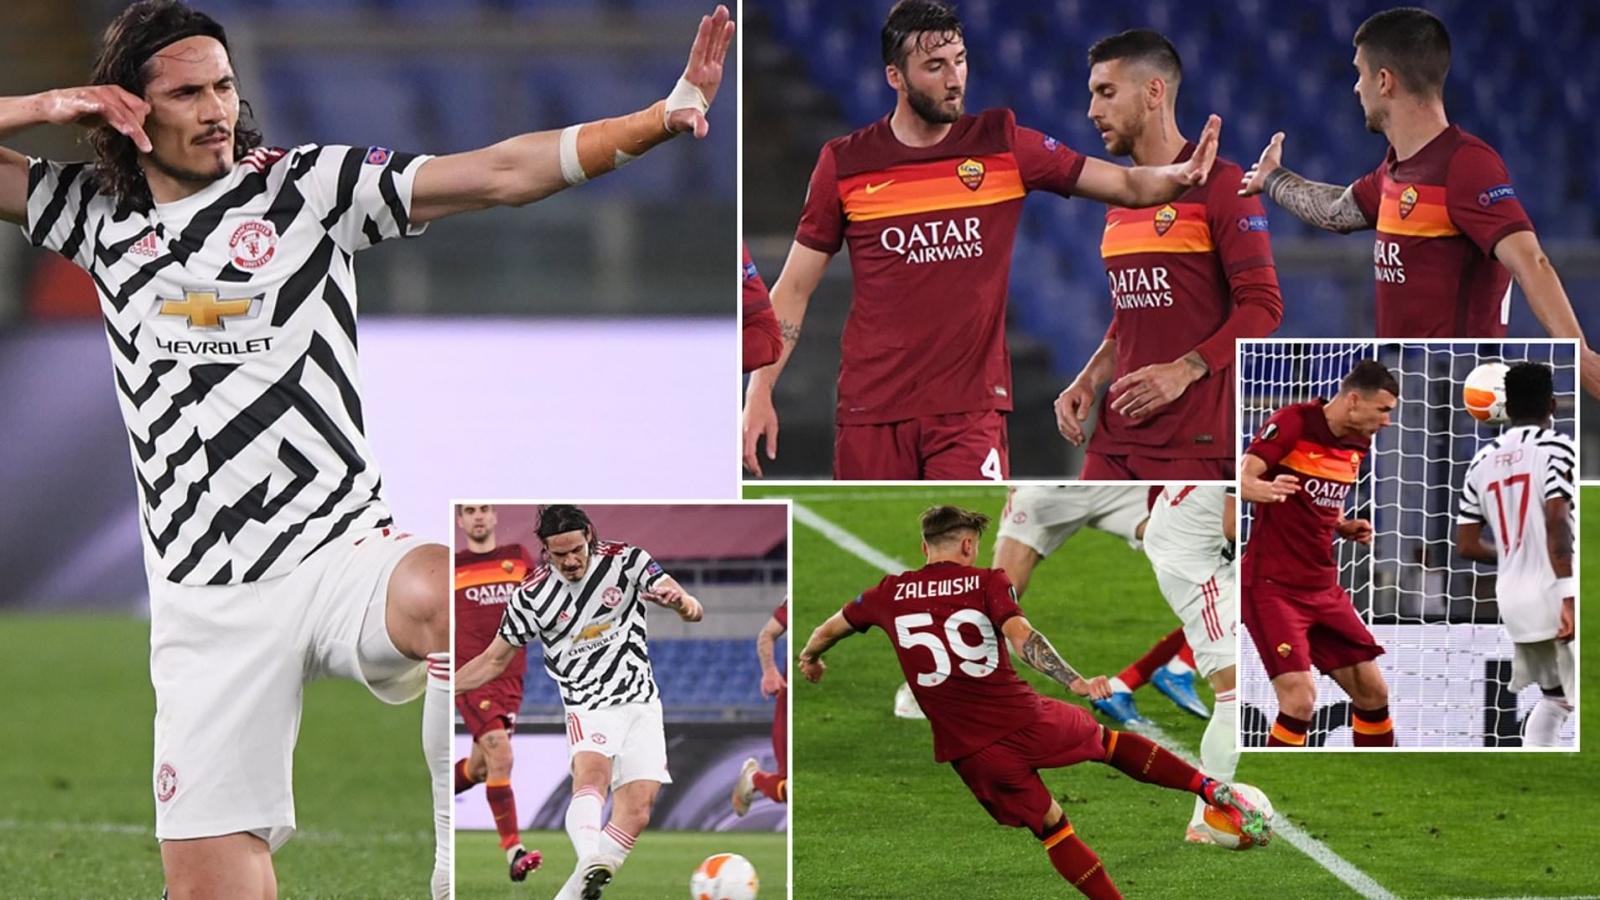 Toàn cảnh AS Roma 3-2 MU: Cavani, De Gea chứng tỏ đẳng cấp